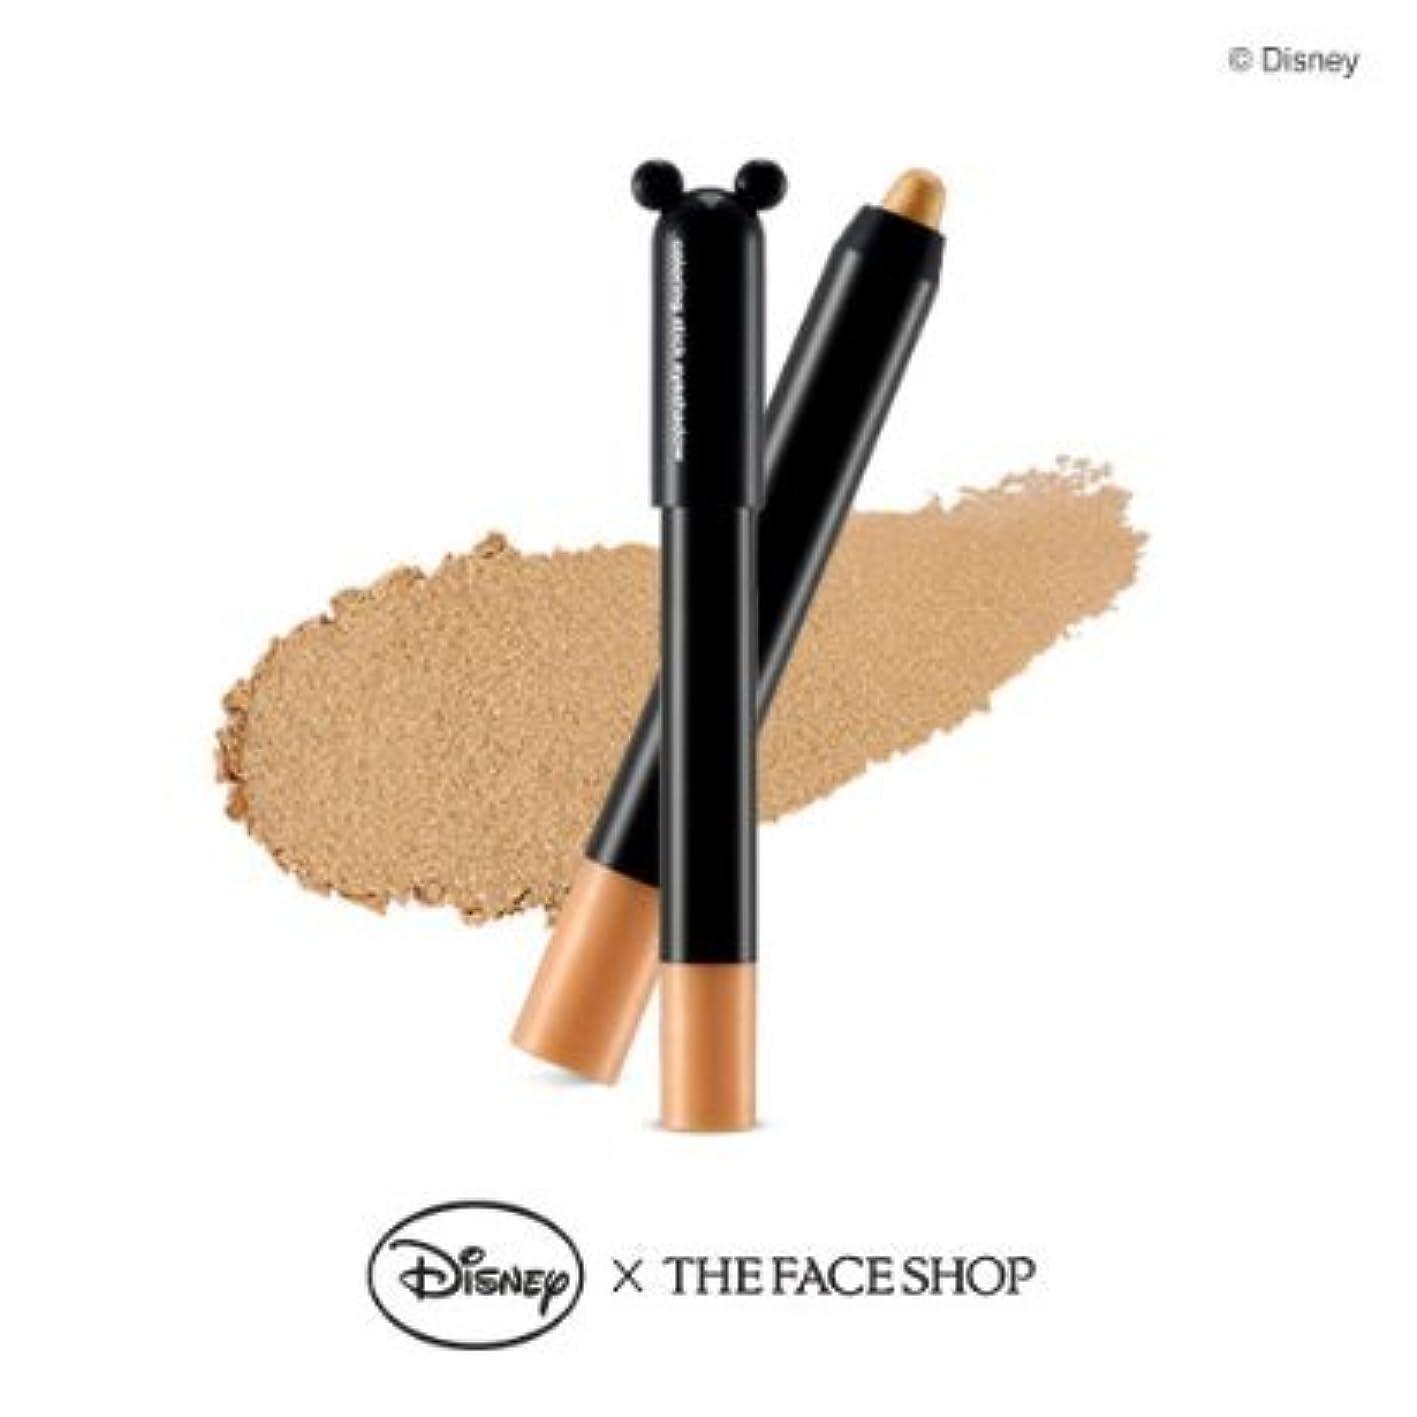 高速道路砂漠腐敗した[1+1] THE FACE SHOP Coloring Stick Shadow [04. Gold] ザフェイスショップ カラーリングスティックシャドウ [04. ゴールド] [並行輸入品]